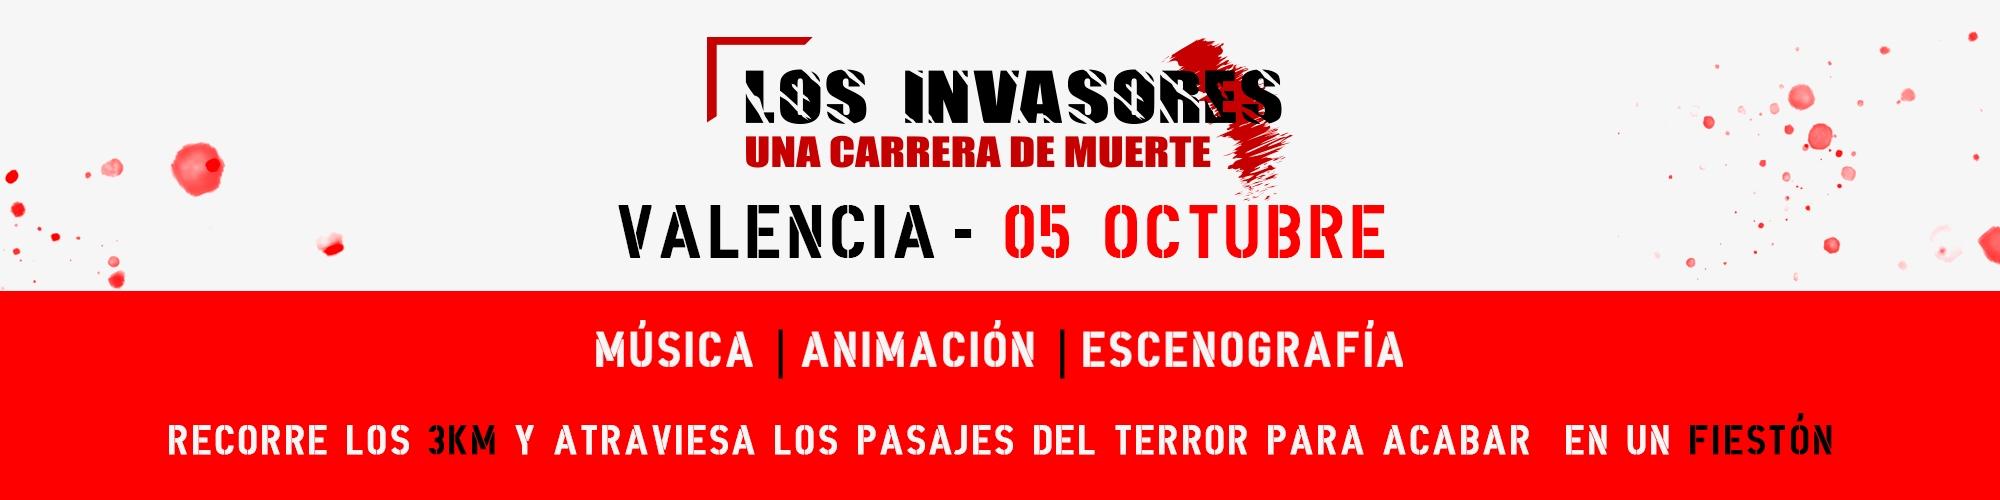 LOS INVASORES en Valencia 1st Edition 05-10-2019